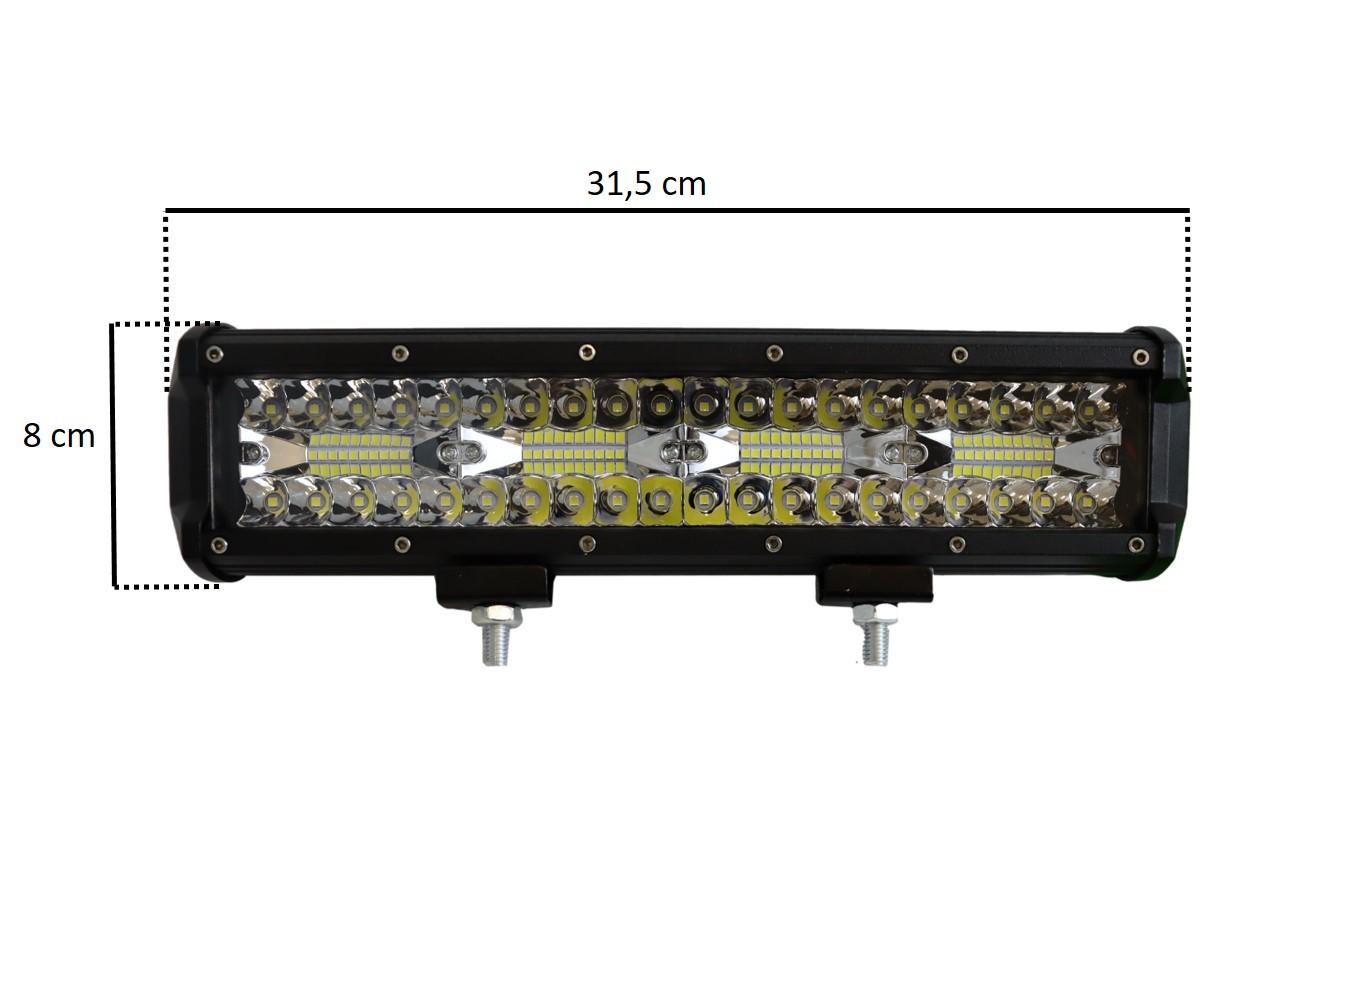 FAROL DE MILHA BARRA LED BIVOLT 240W 31cm